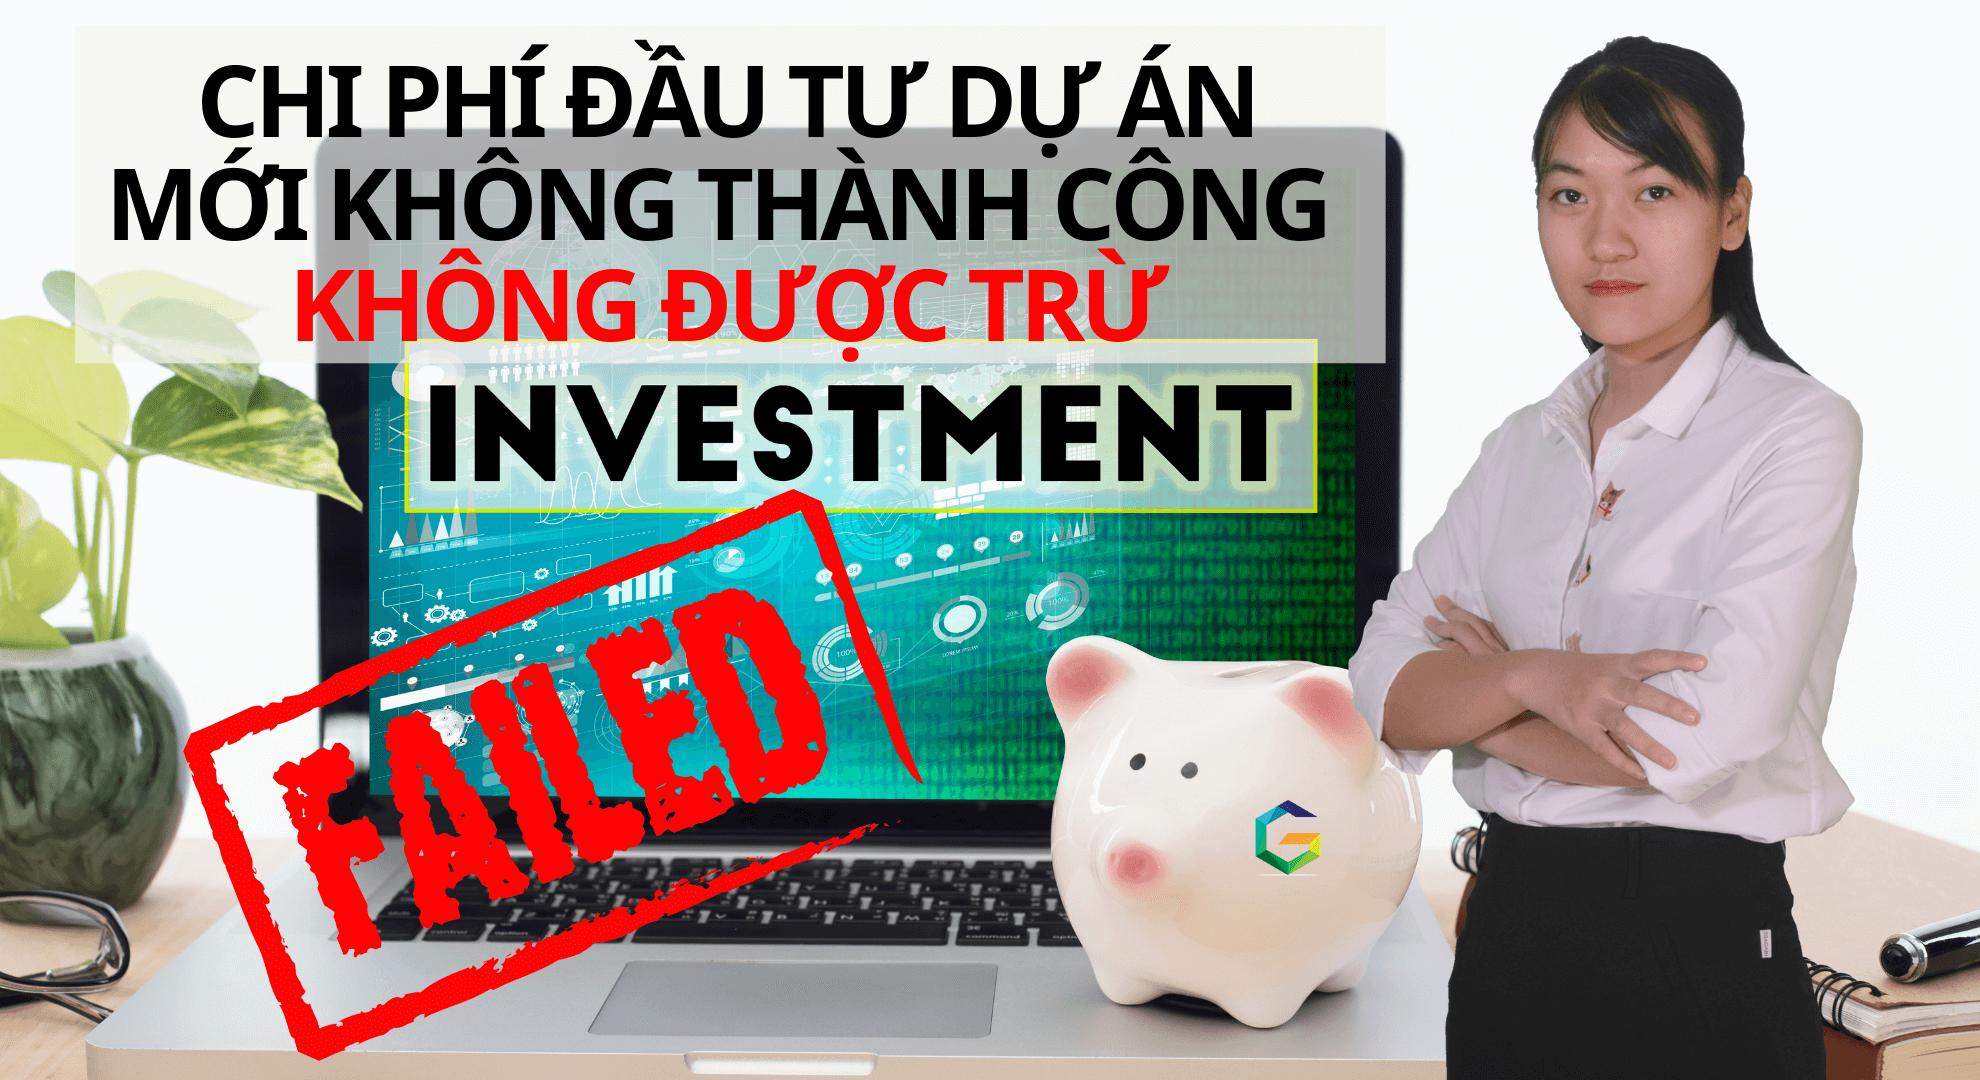 Chi phí đầu tư dự án mới không thành công không được trừ